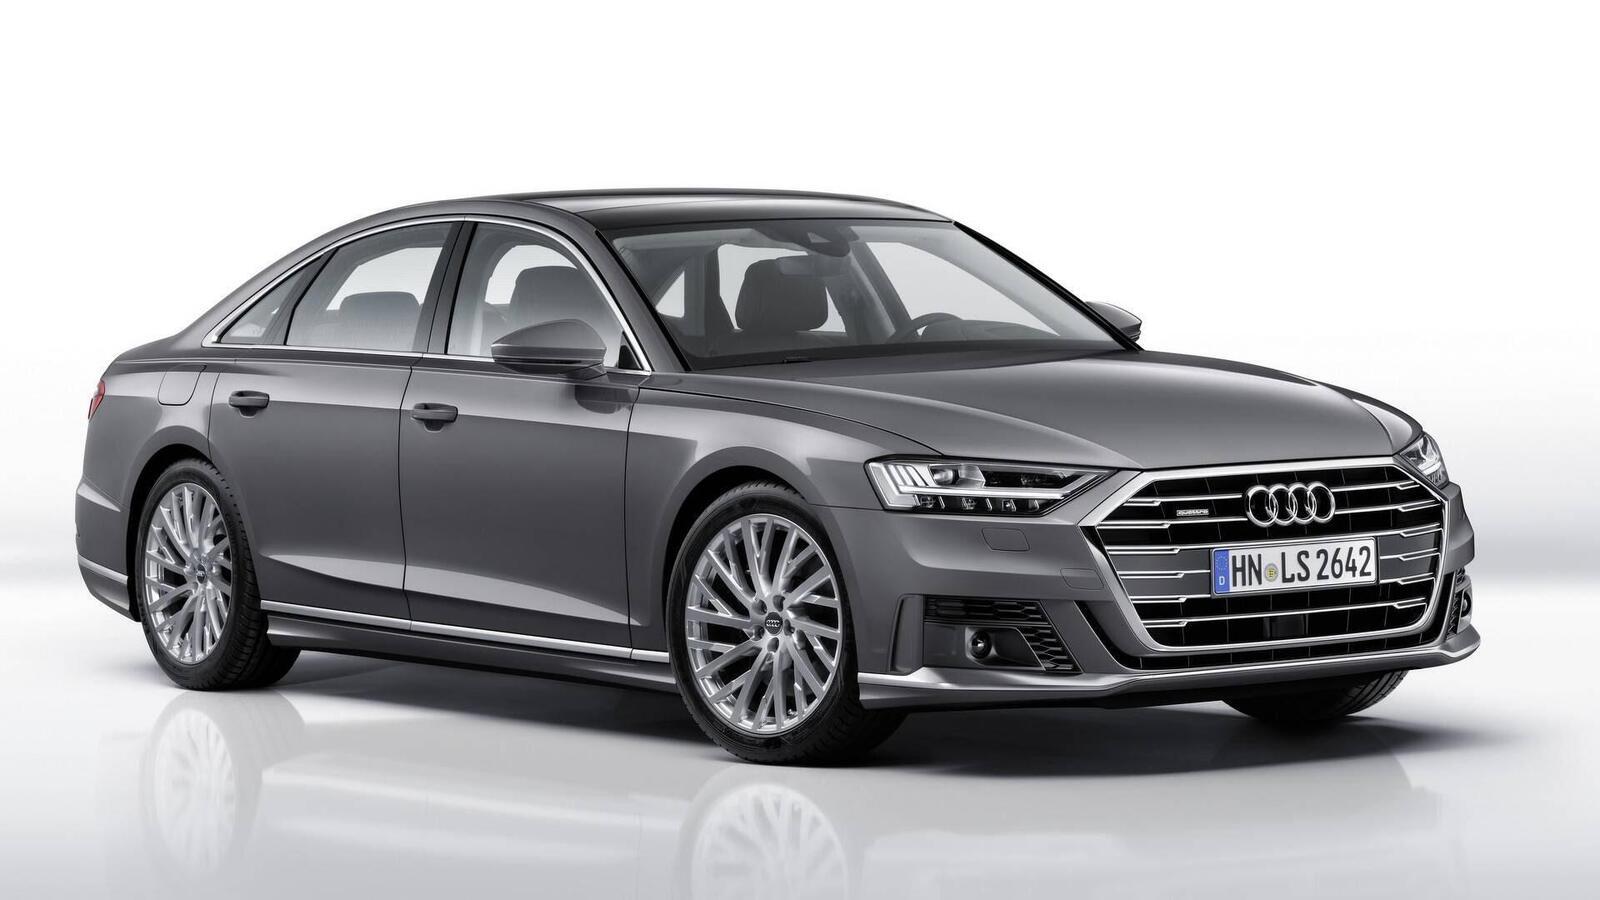 Audi thêm một số trang bị cho A8 2018 - Hình 9